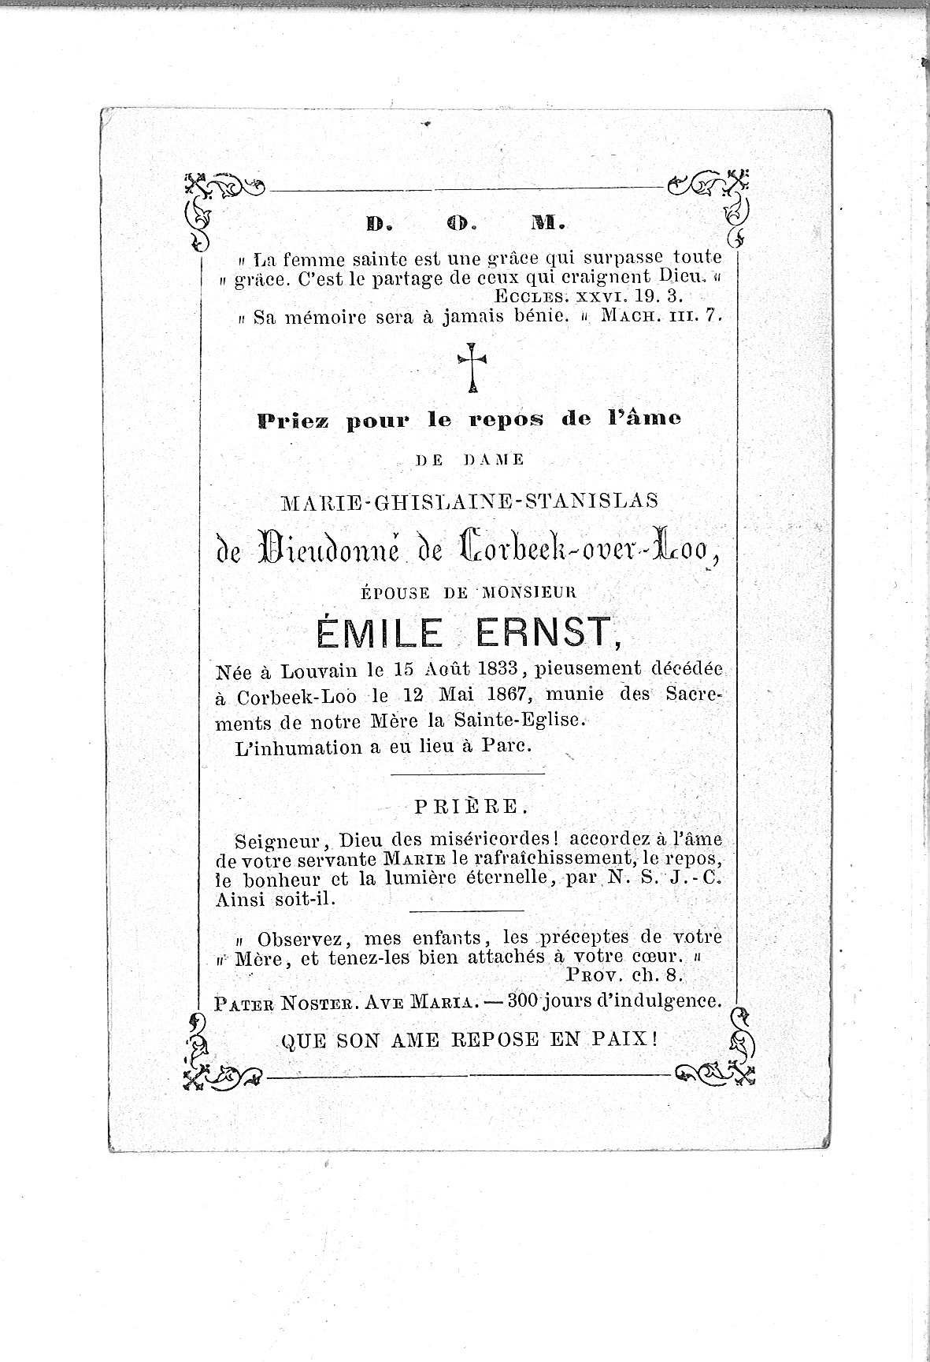 Marie-Ghislaine-Stanislas-(1867)-20120906154301_00074.jpg